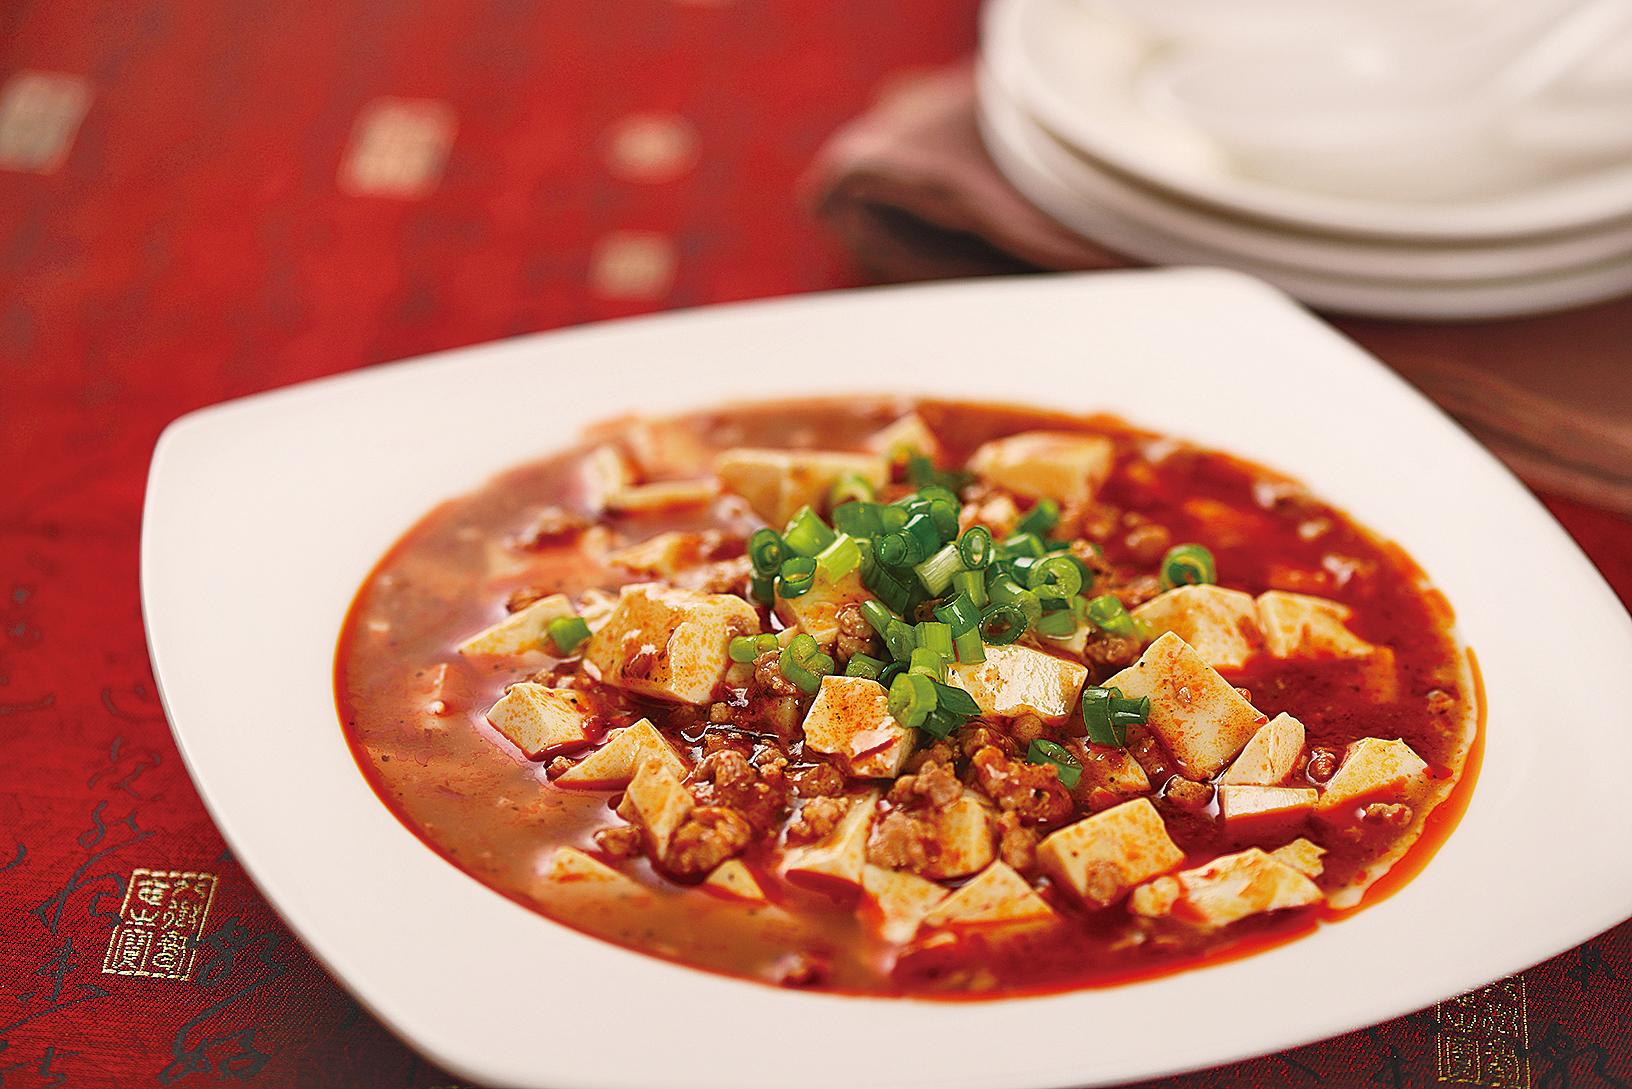 麻婆豆腐(龔安妮/大紀元)